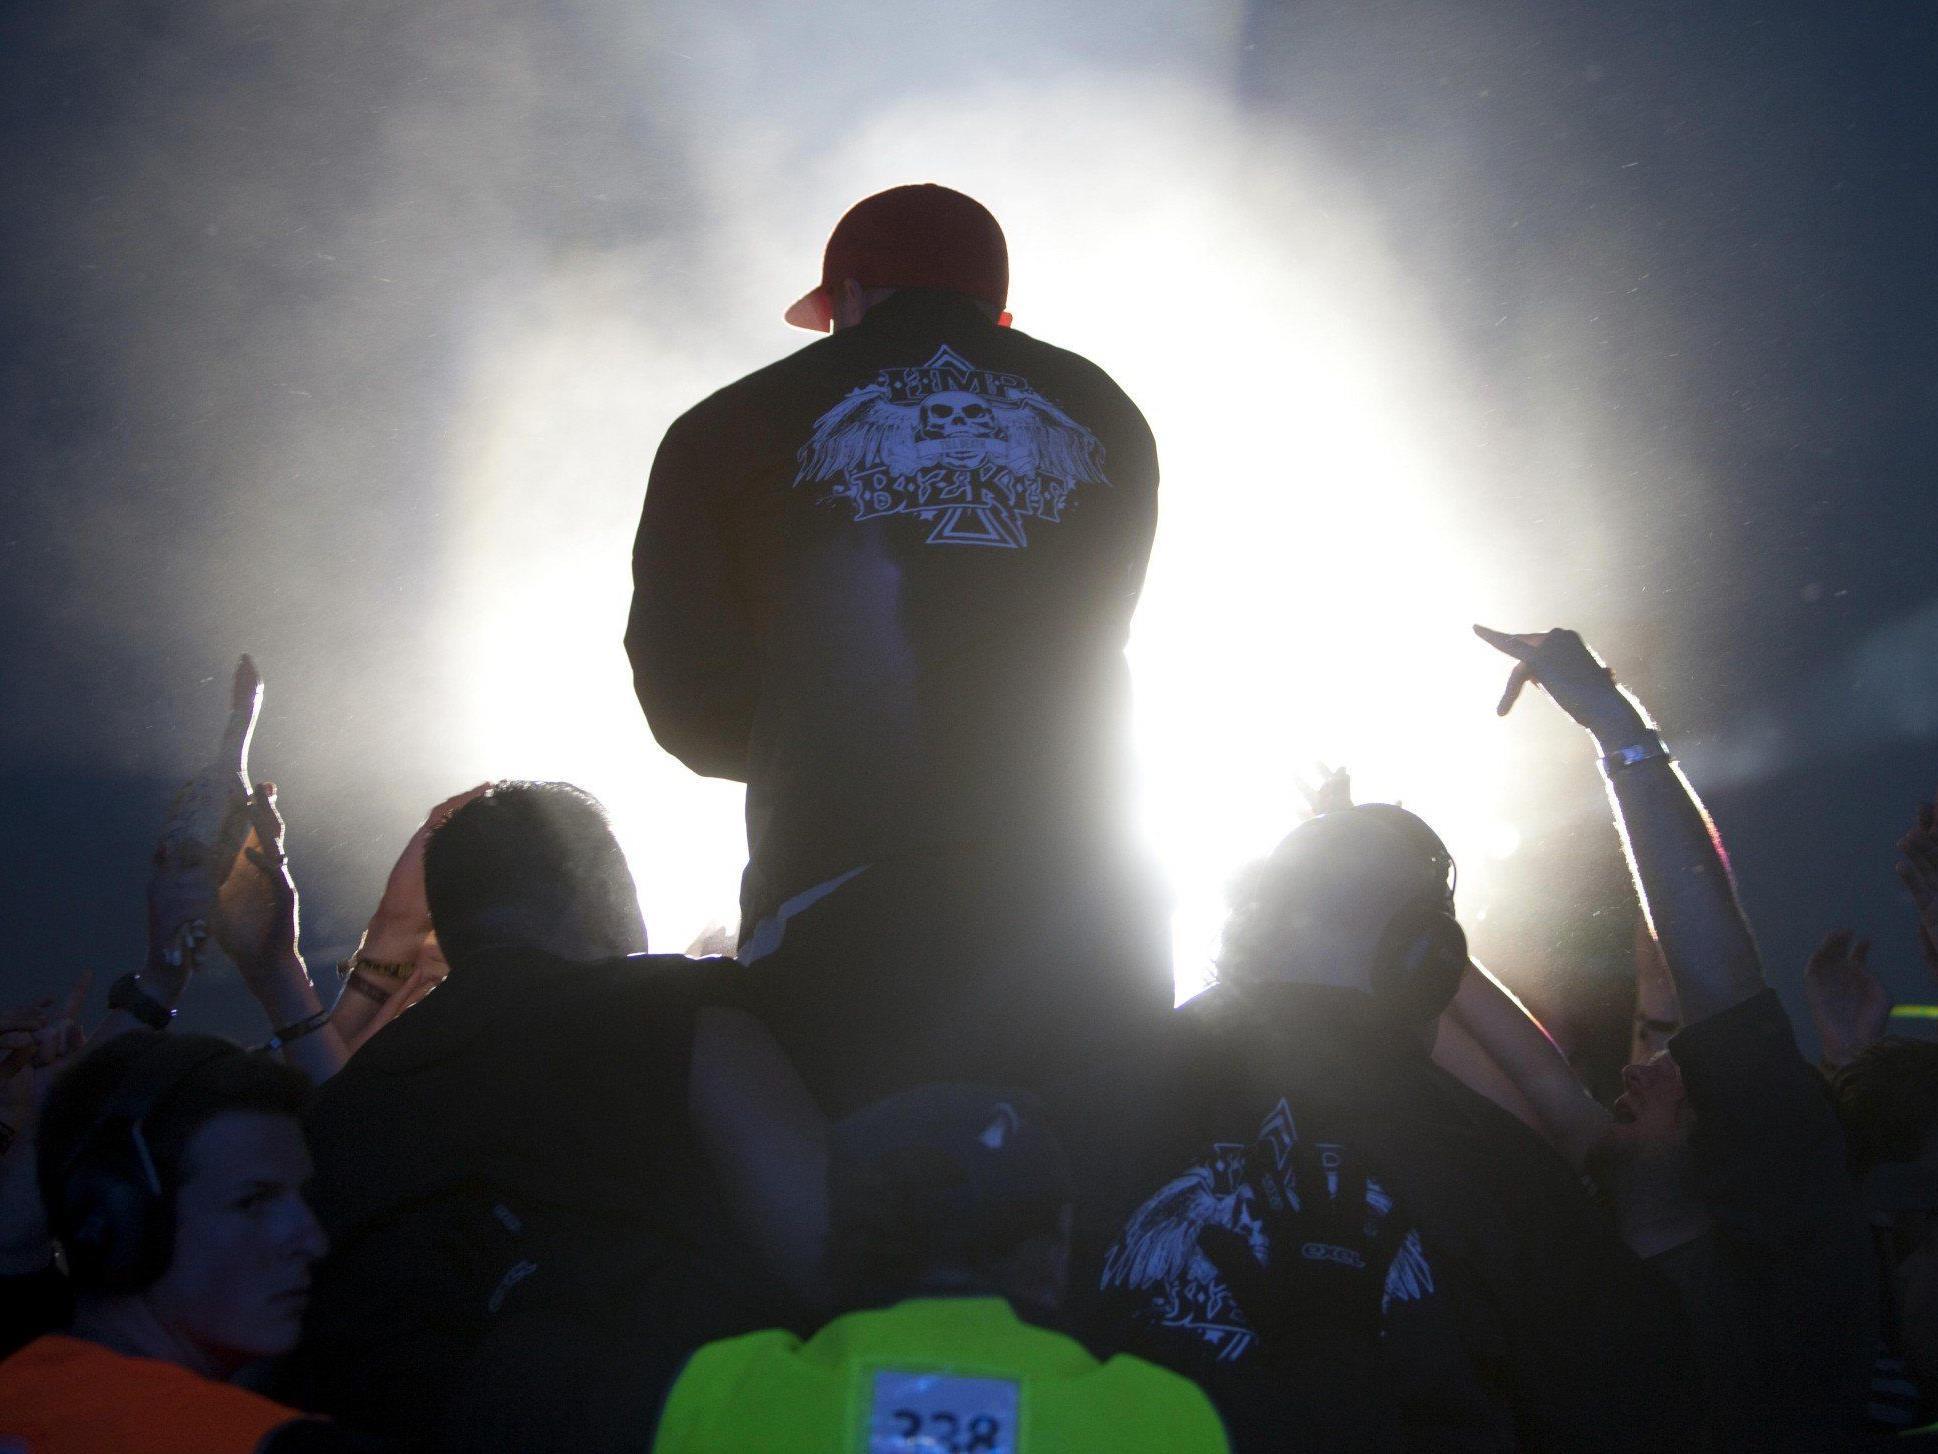 Zehn Jahre Nova Rock - Limp Bizkit und Crazy Town ebenfalls dabei